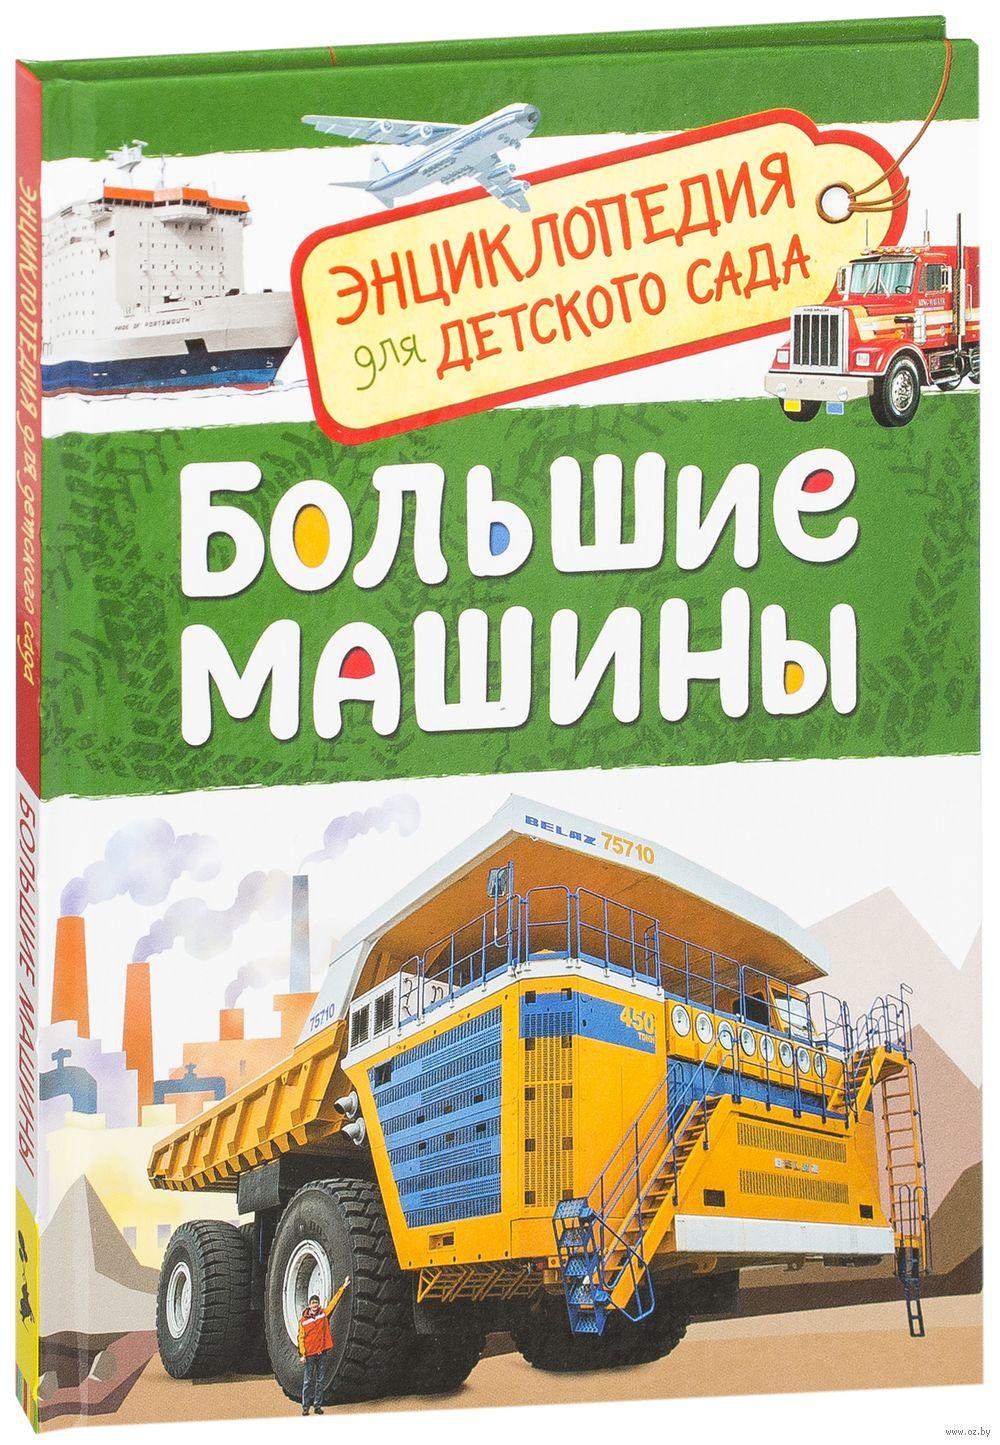 купить книжку как рисовать крупная машинка в медведково